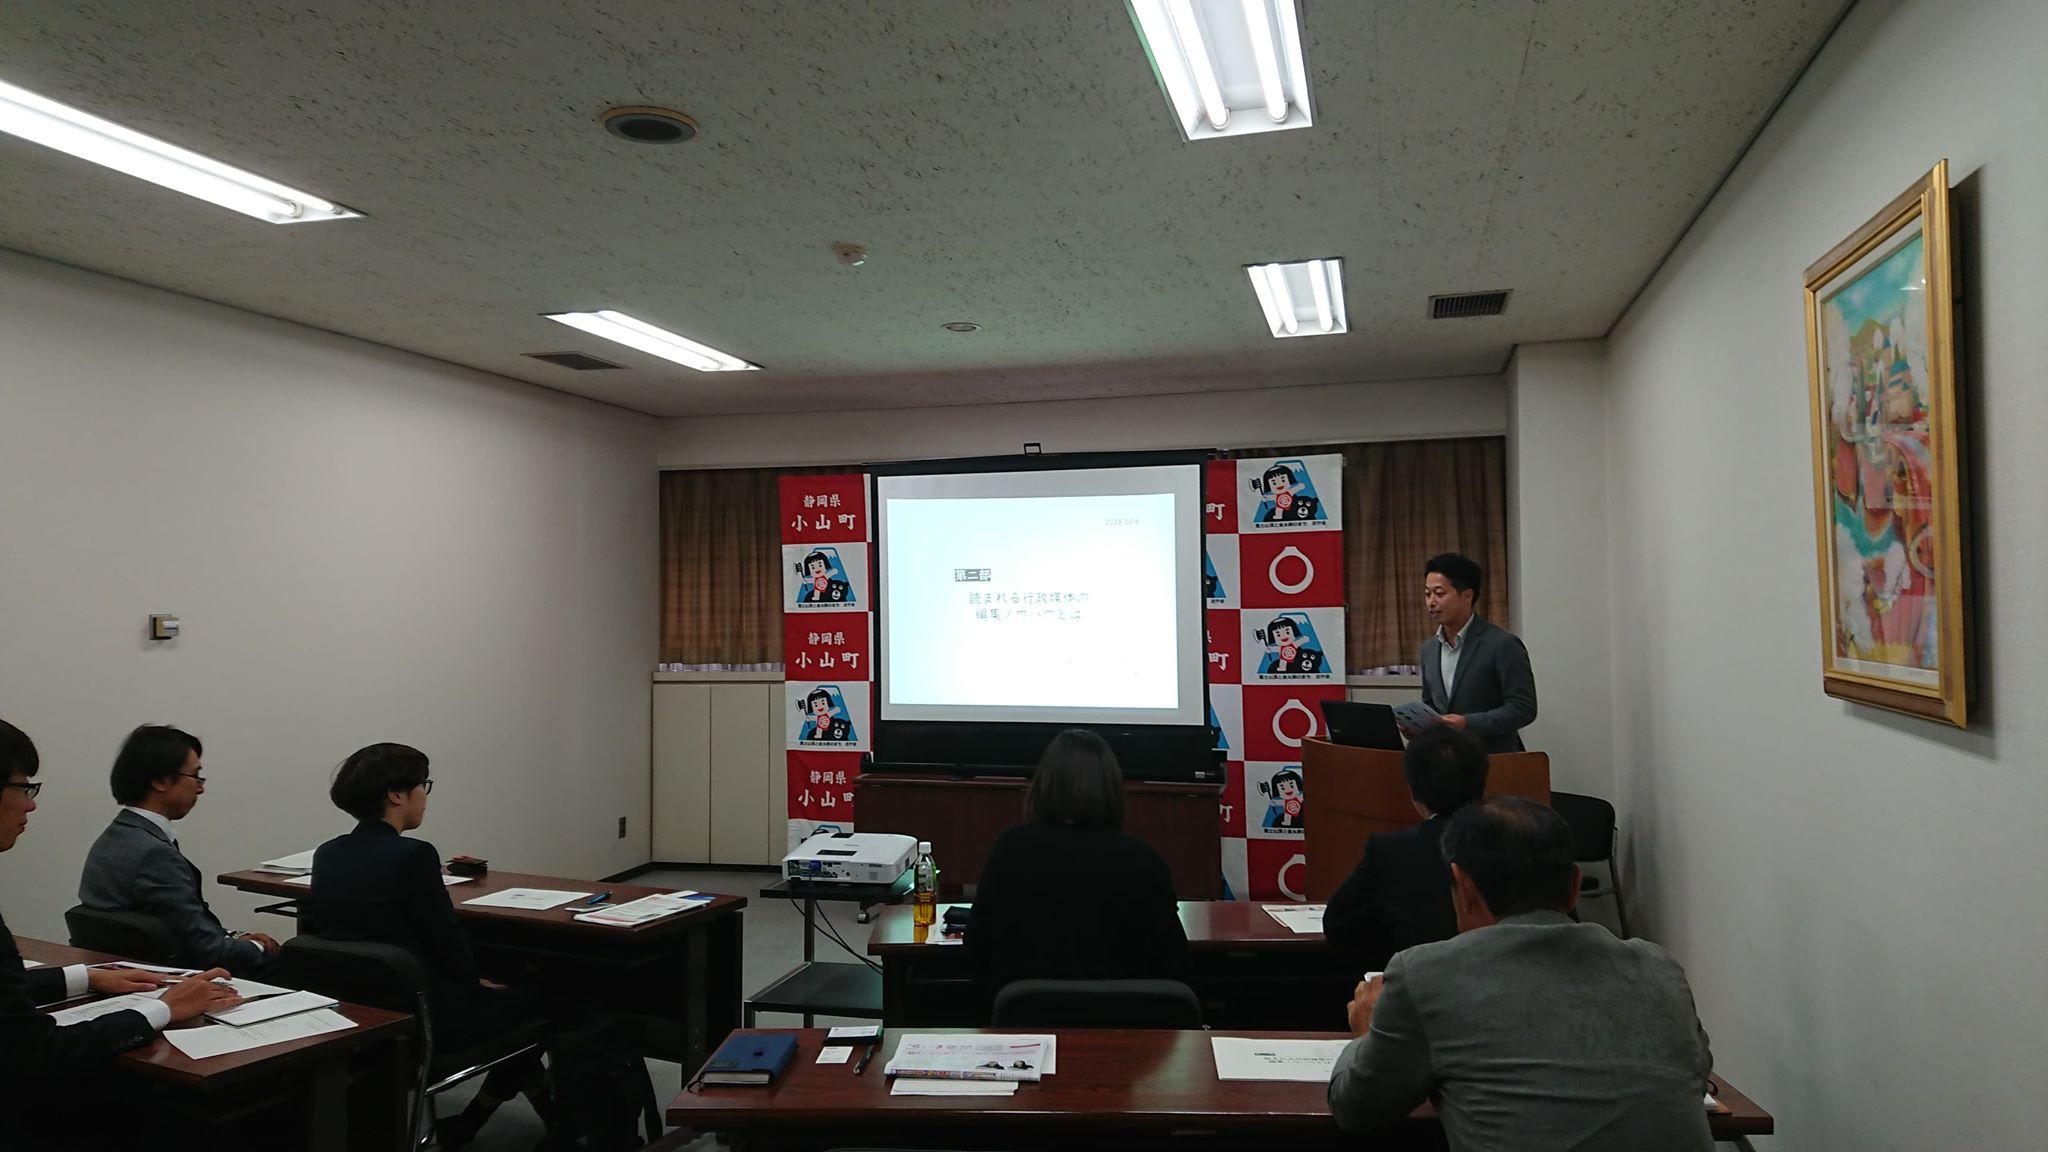 駿東広報研究会に地域新聞社さんと一緒に吉田が呼ばれました。